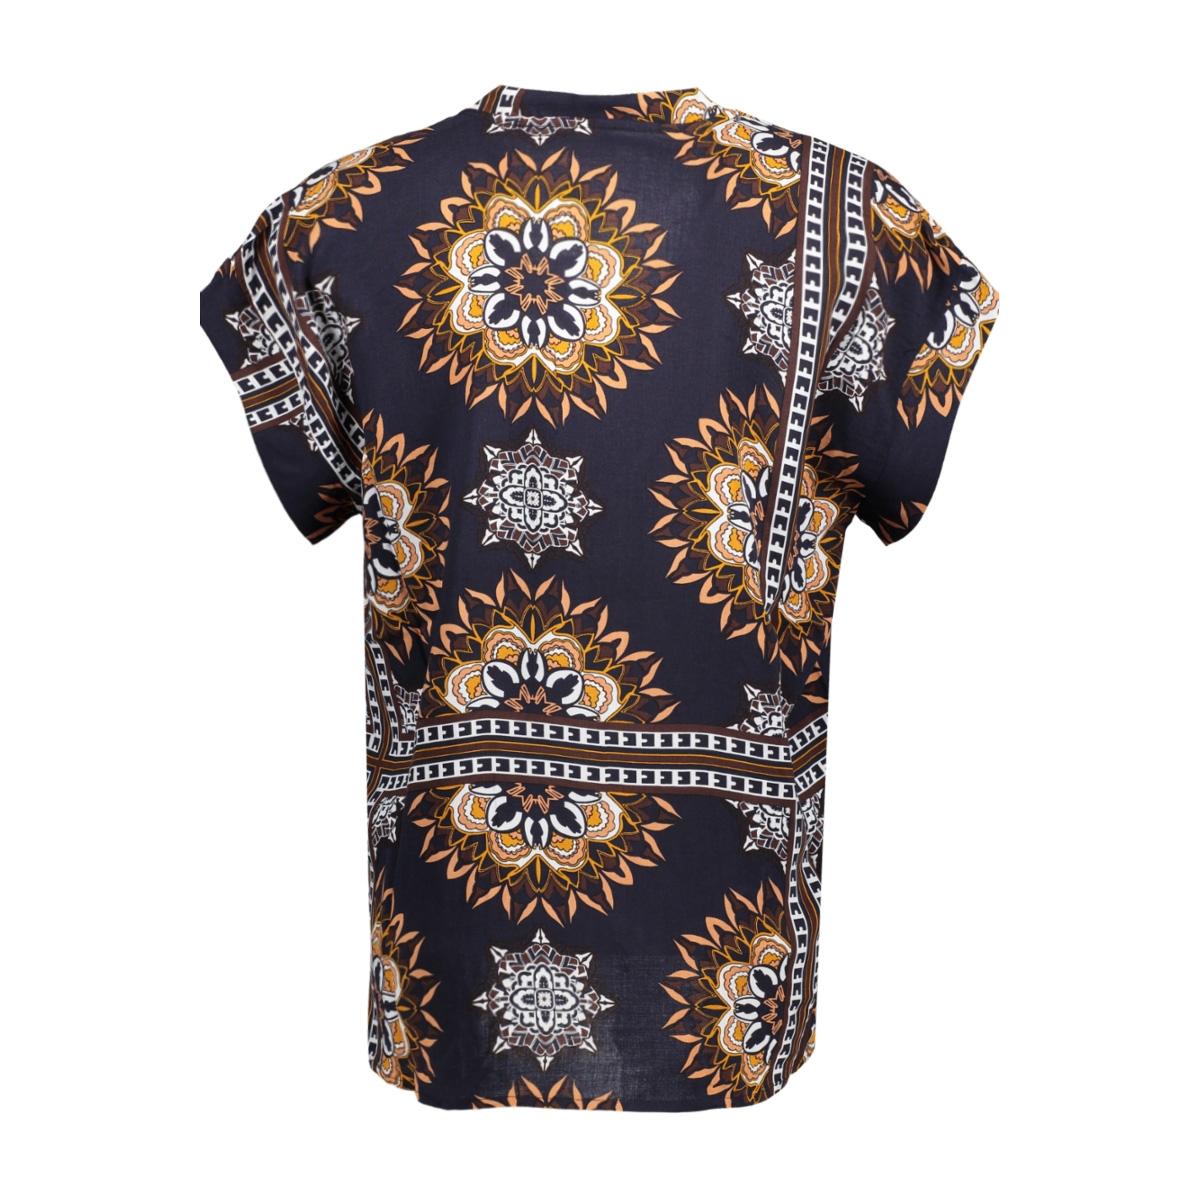 r1001 saint tropez t-shirt 7305